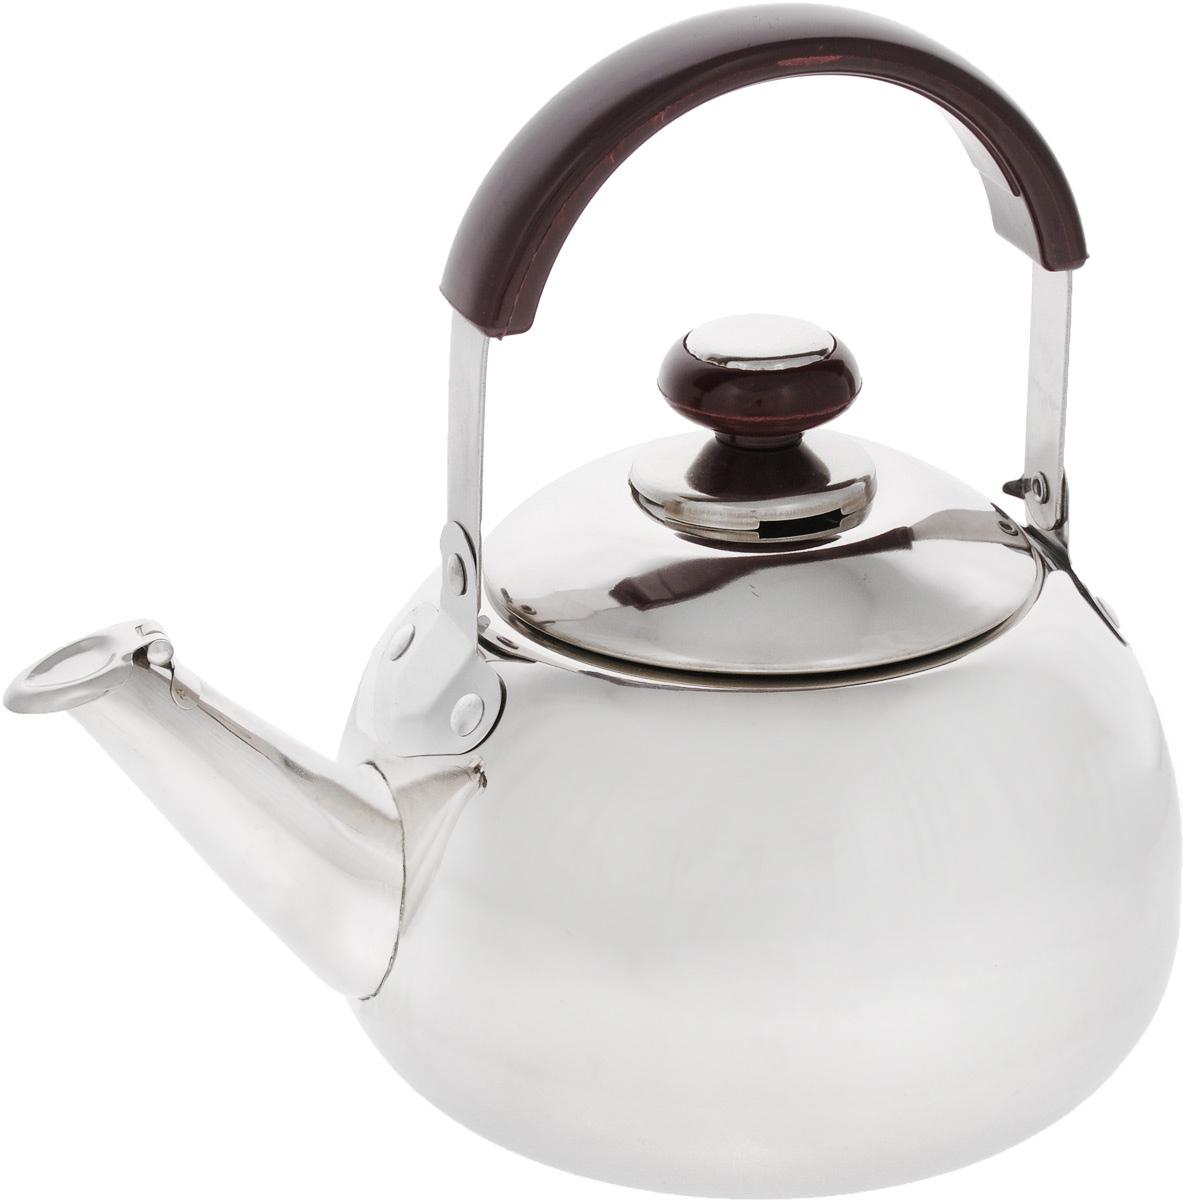 Чайник Mayer & Boch, со свистком, 2 л. 2522115510Чайник Mayer & Boch изготовлен из высококачественной нержавеющей стали. Он оснащен подвижной ручкой из стали с бакелитовой накладкой, что делает использование чайника очень удобным и безопасным. Крышка снабжена свистком, позволяя контролировать процесс подогрева или кипячения воды.Эстетичный и функциональный чайник будет оригинально смотреться в любом интерьере.Подходит для газовых, электрических и стеклокерамических плит. Можно мыть в посудомоечной машине.Высота чайника (без учета ручки и крышки): 11,5 см.Высота чайника (с учетом ручки и крышки): 21 см.Диаметр чайника (по верхнему краю): 10 см.Диаметр основания: 14 см.